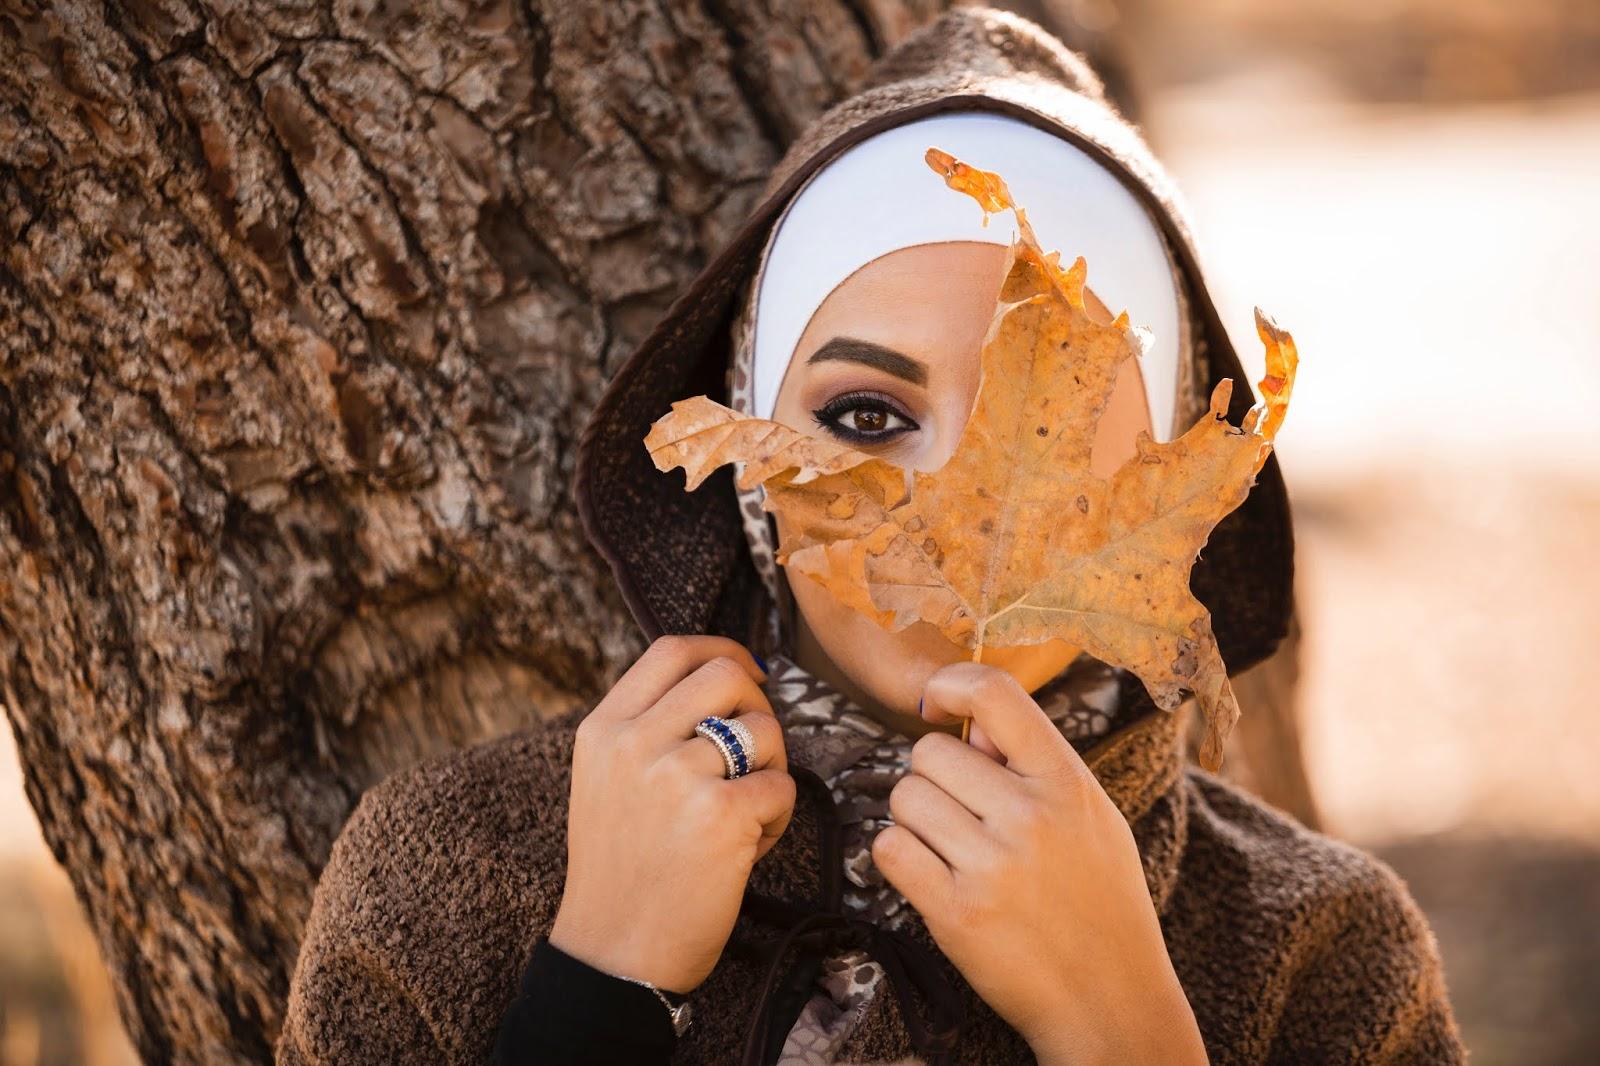 エジプト人の美人女性の特徴!恋愛や結婚観について